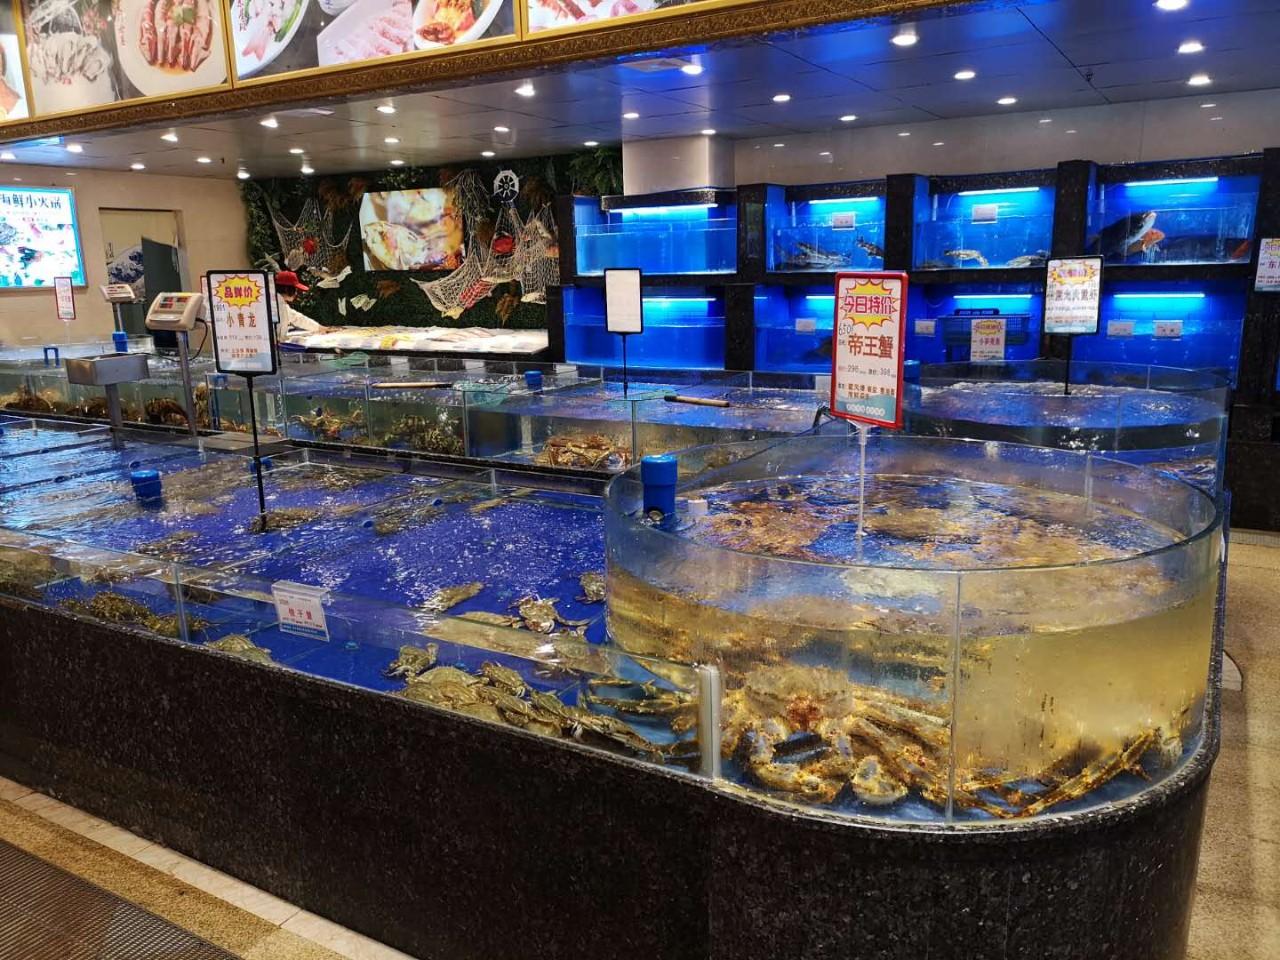 6月21日德州富豪康博美食香港主题美食节邀你关于酒店班会海鲜的图片